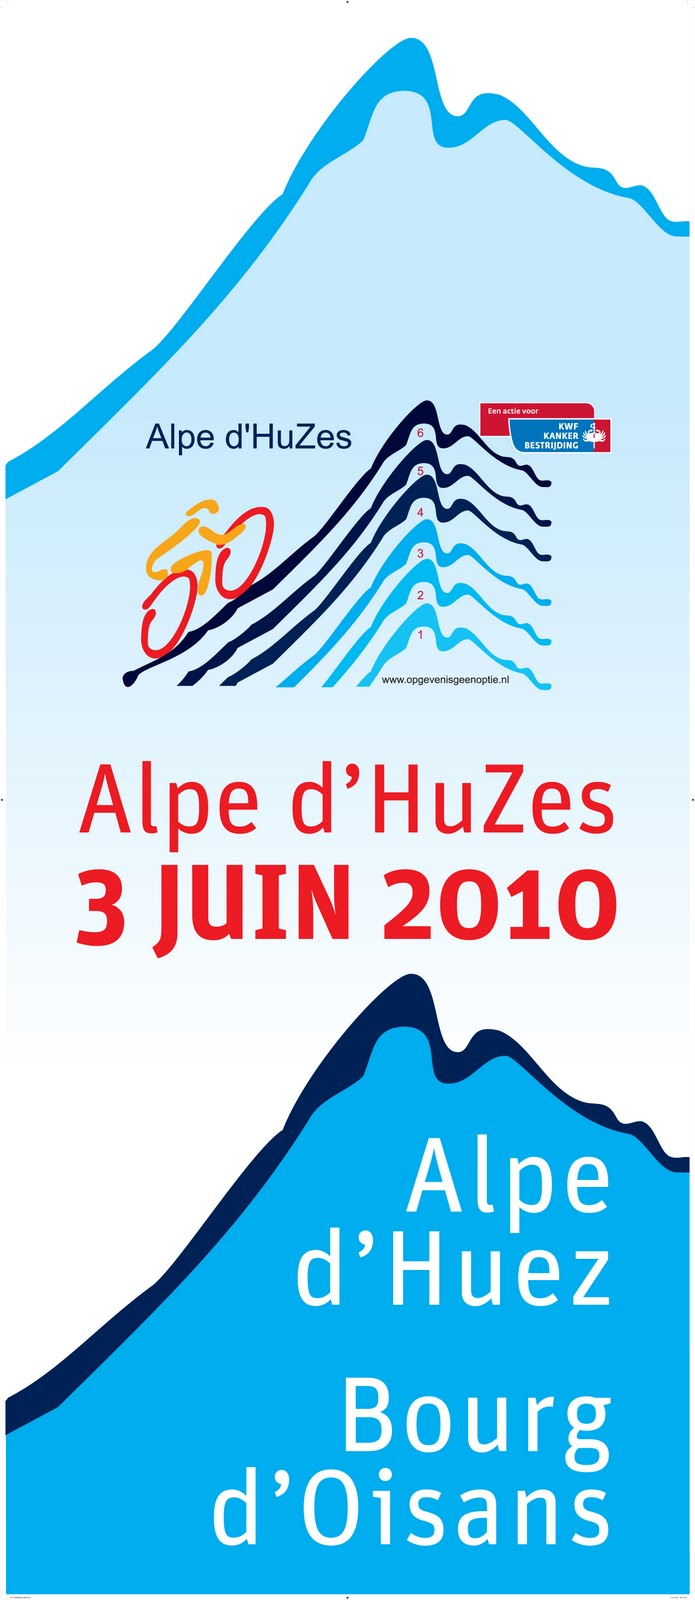 News de l 39 office de tourisme bourg d 39 oisans janvier 2010 - Bourg d oisans office tourisme ...